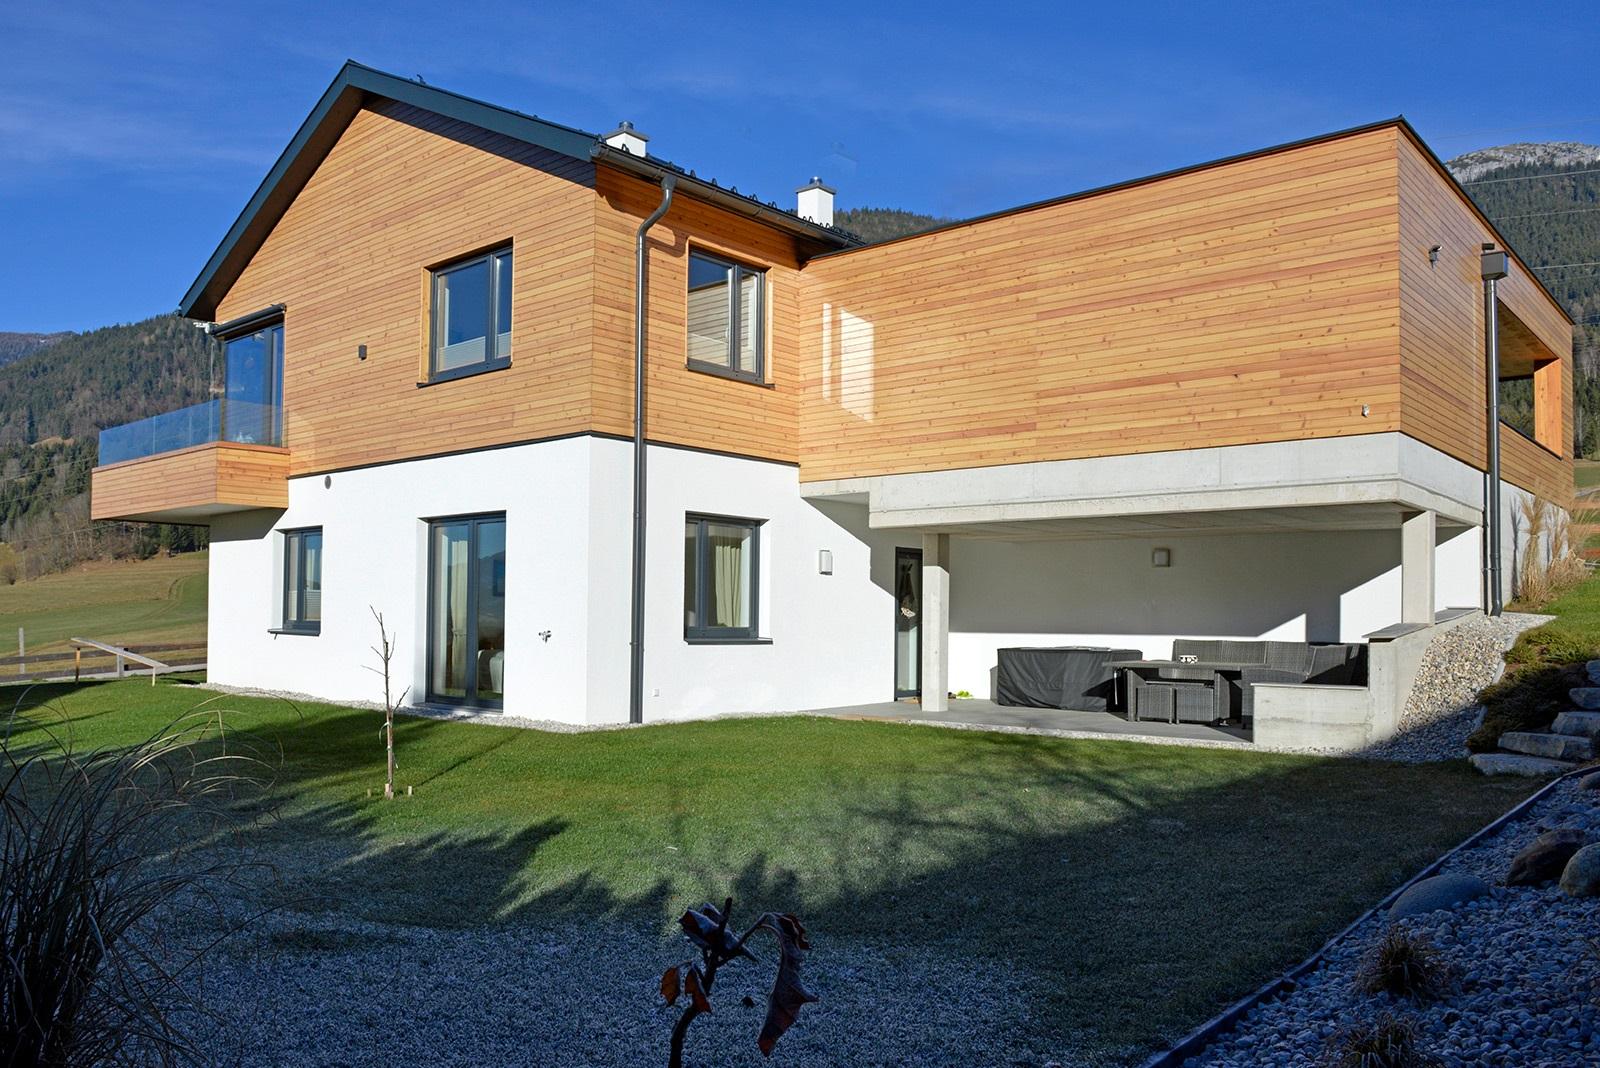 Oppeneiger Holzbau GmbH: Altholz, Massivholzhaus, Carport, Balkone ...